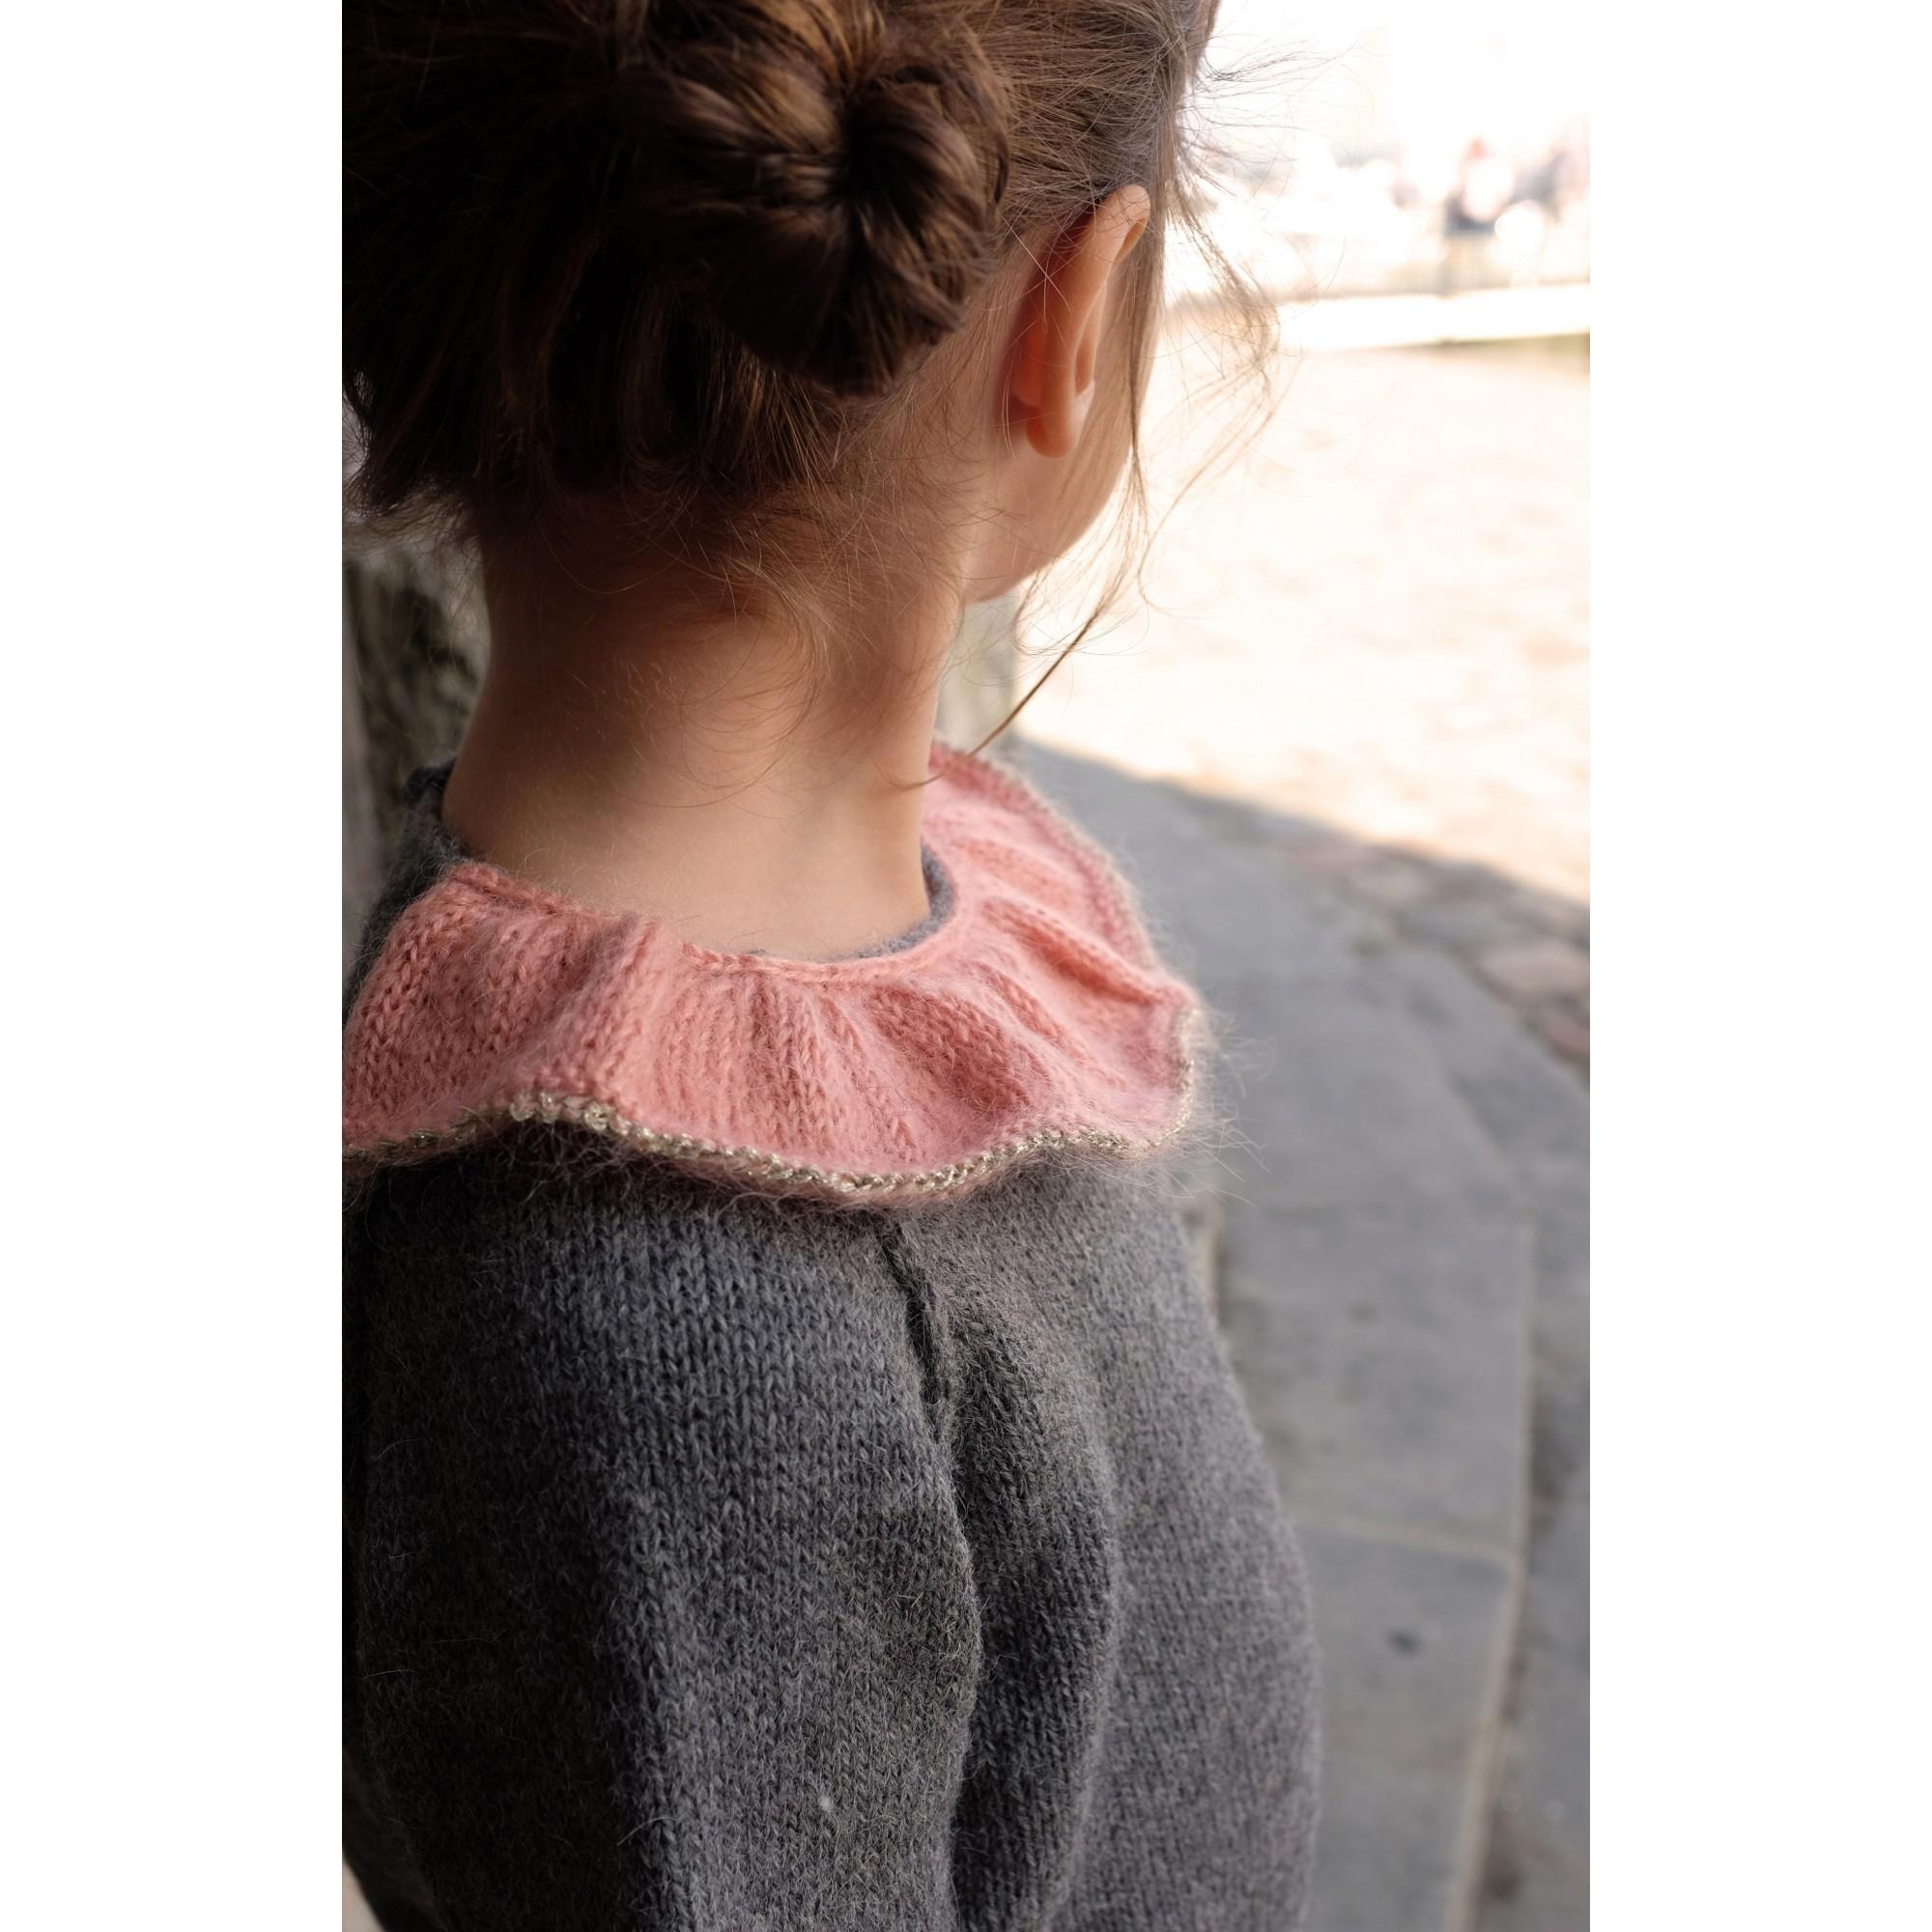 Pull Pierre pour bébé - coloris gris anthracite col vieux rose et doré - porté profil